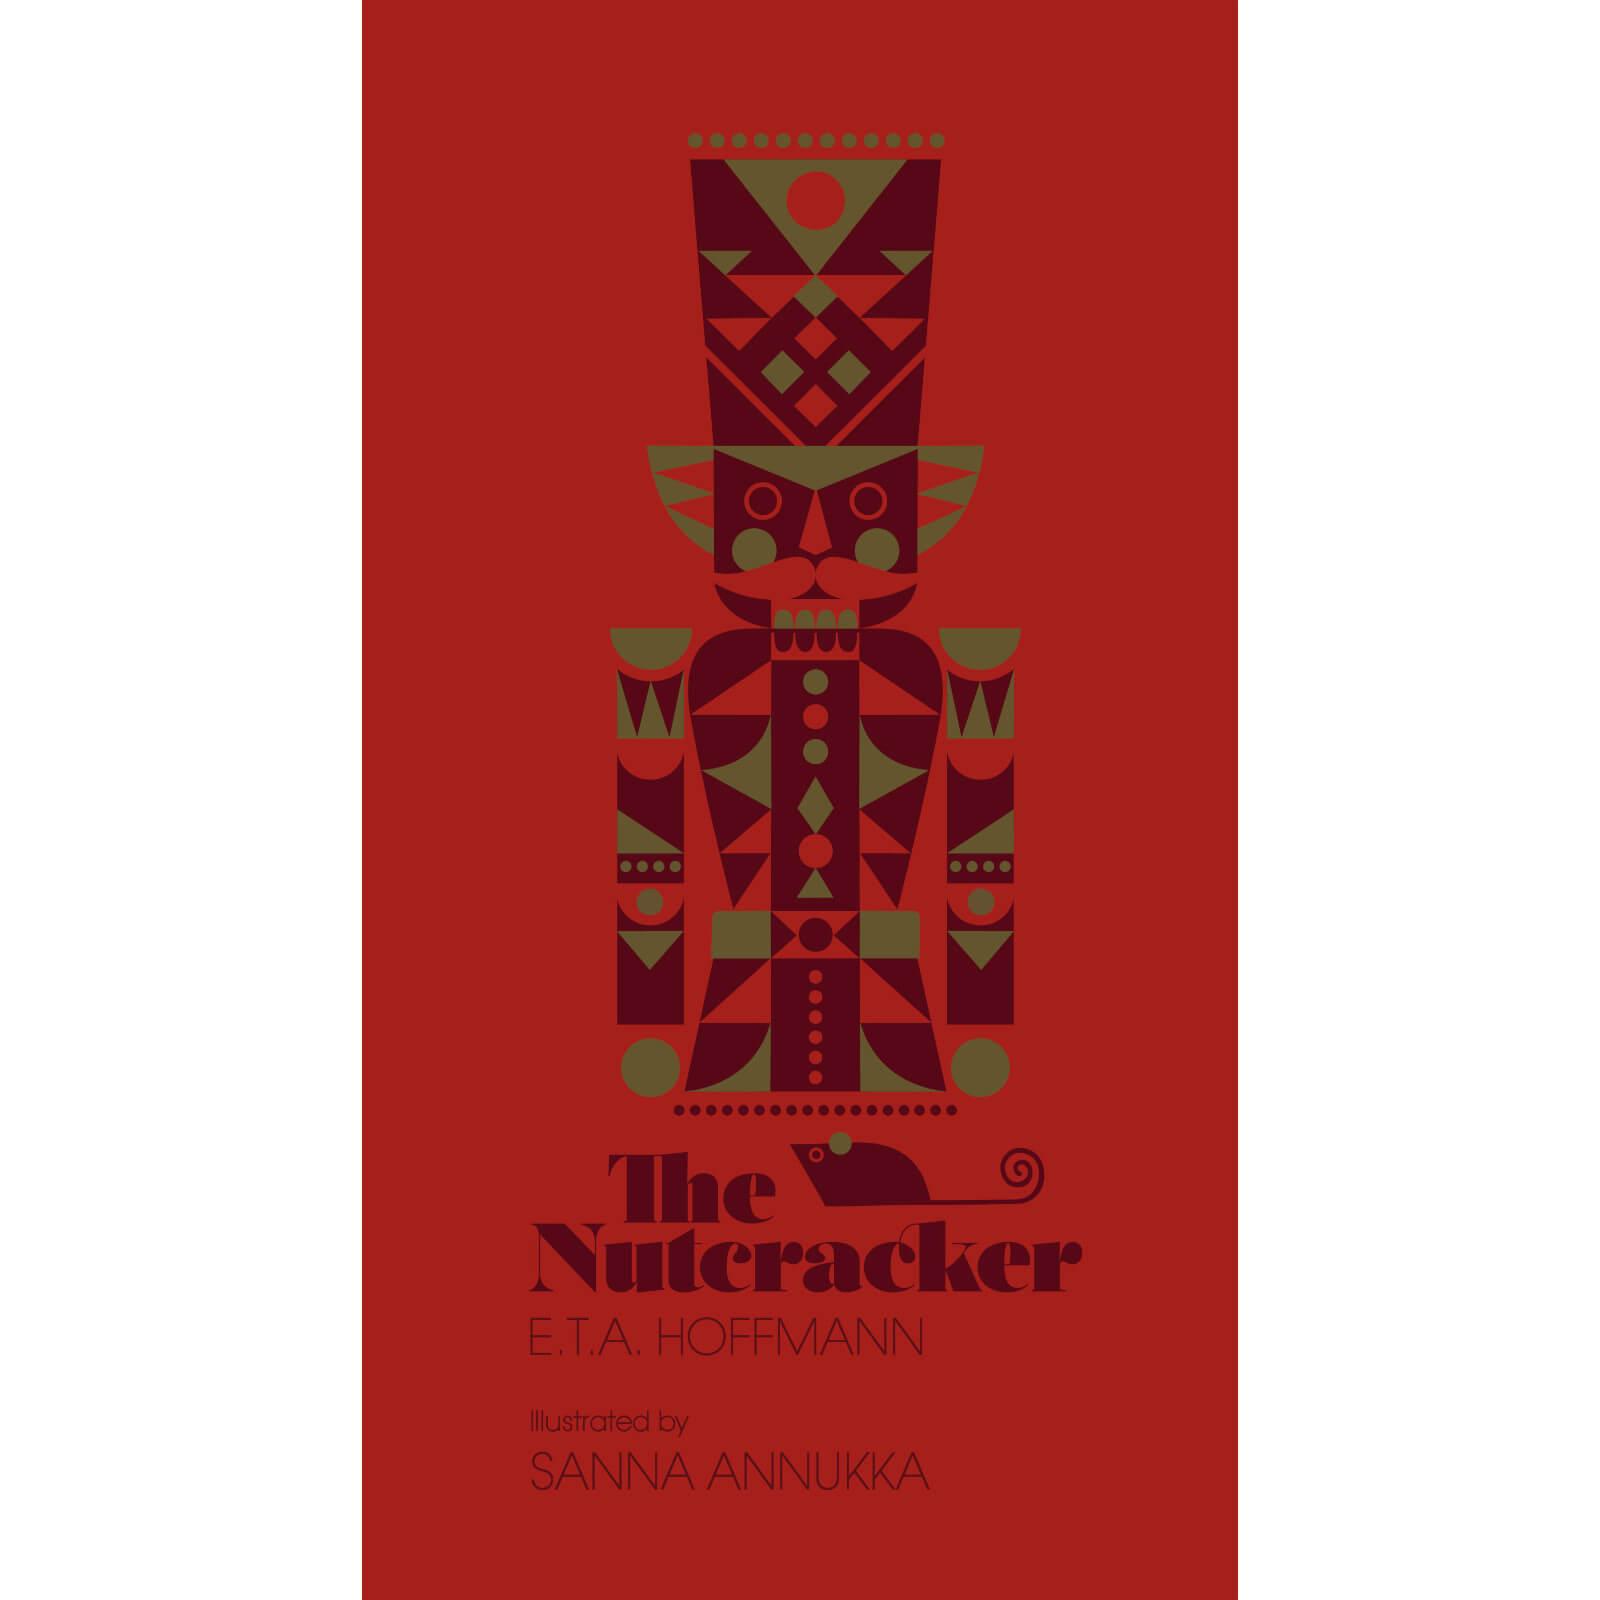 Penguin Books: The Nutcracker